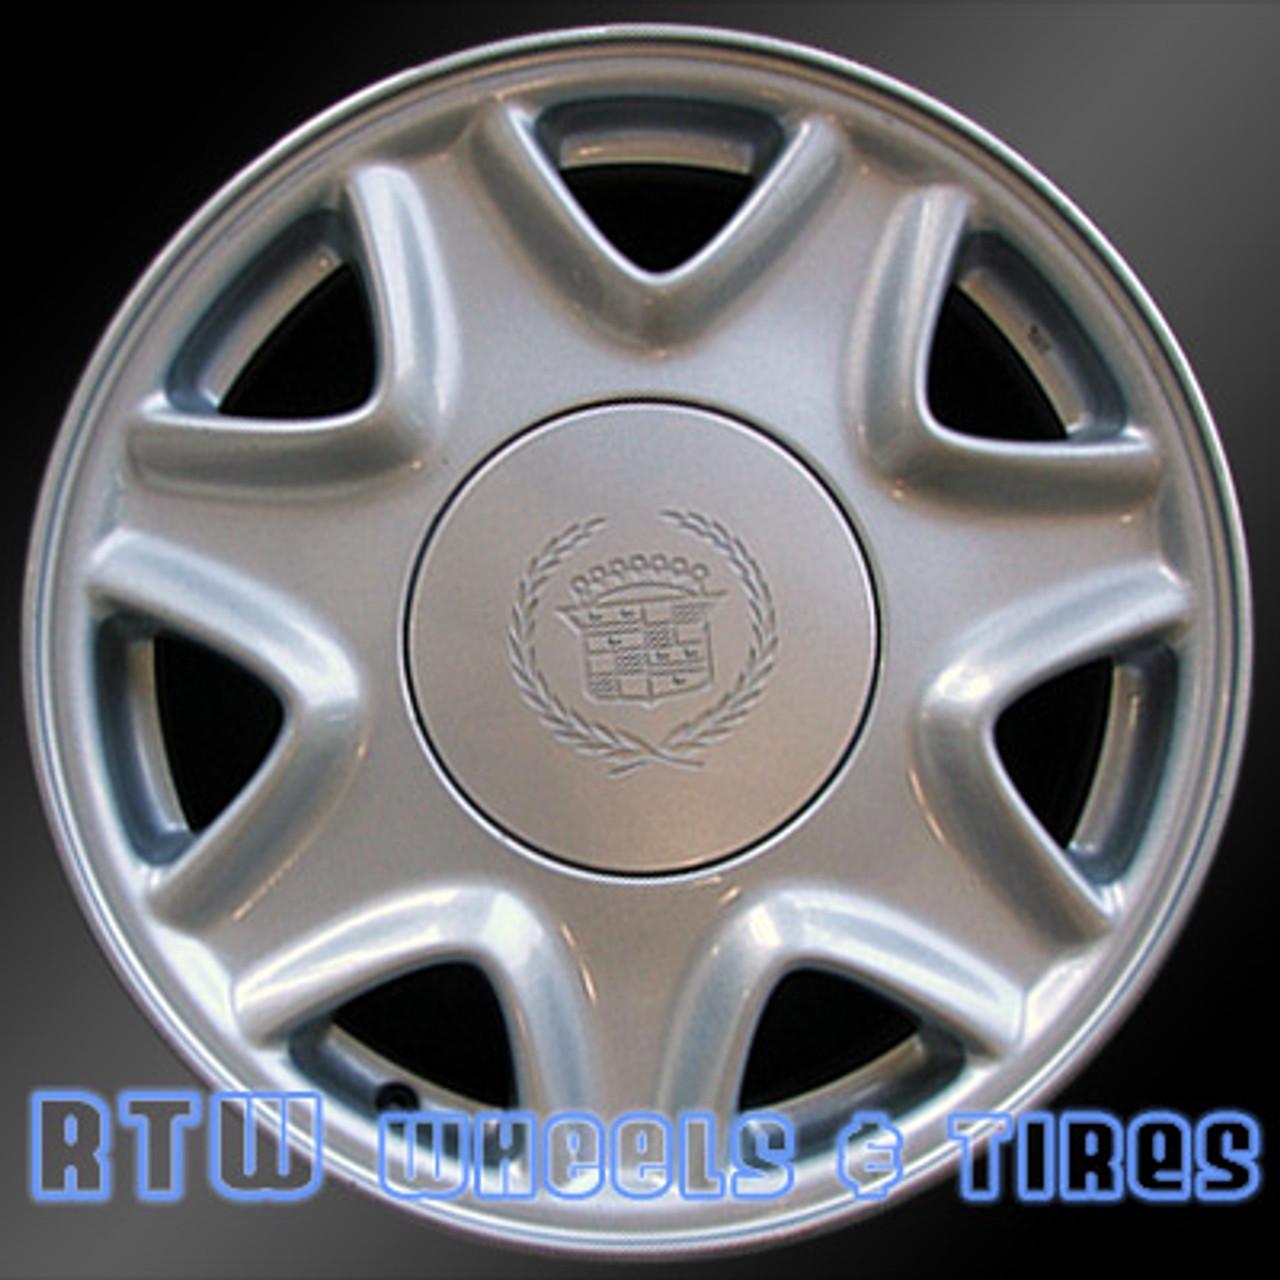 cadillac wheels for sale el dorado seville 95 02 silver rims 4522 cadillac wheels for sale el dorado seville 1995 2002 16 silver rims 4522